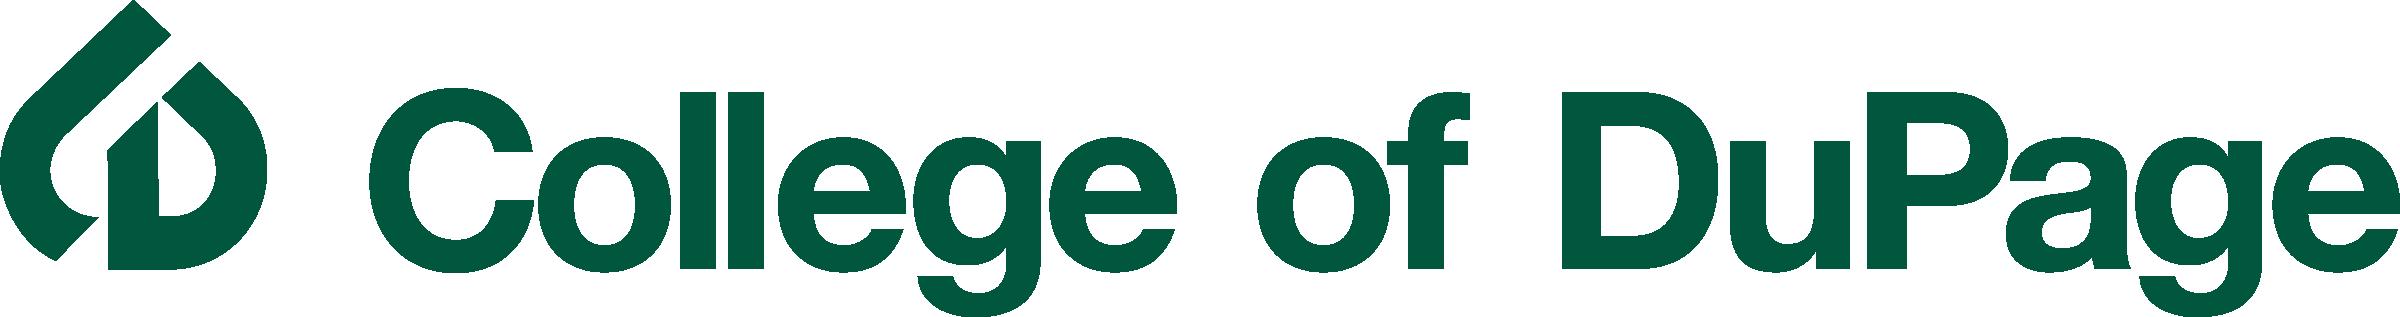 CD_logotype-343